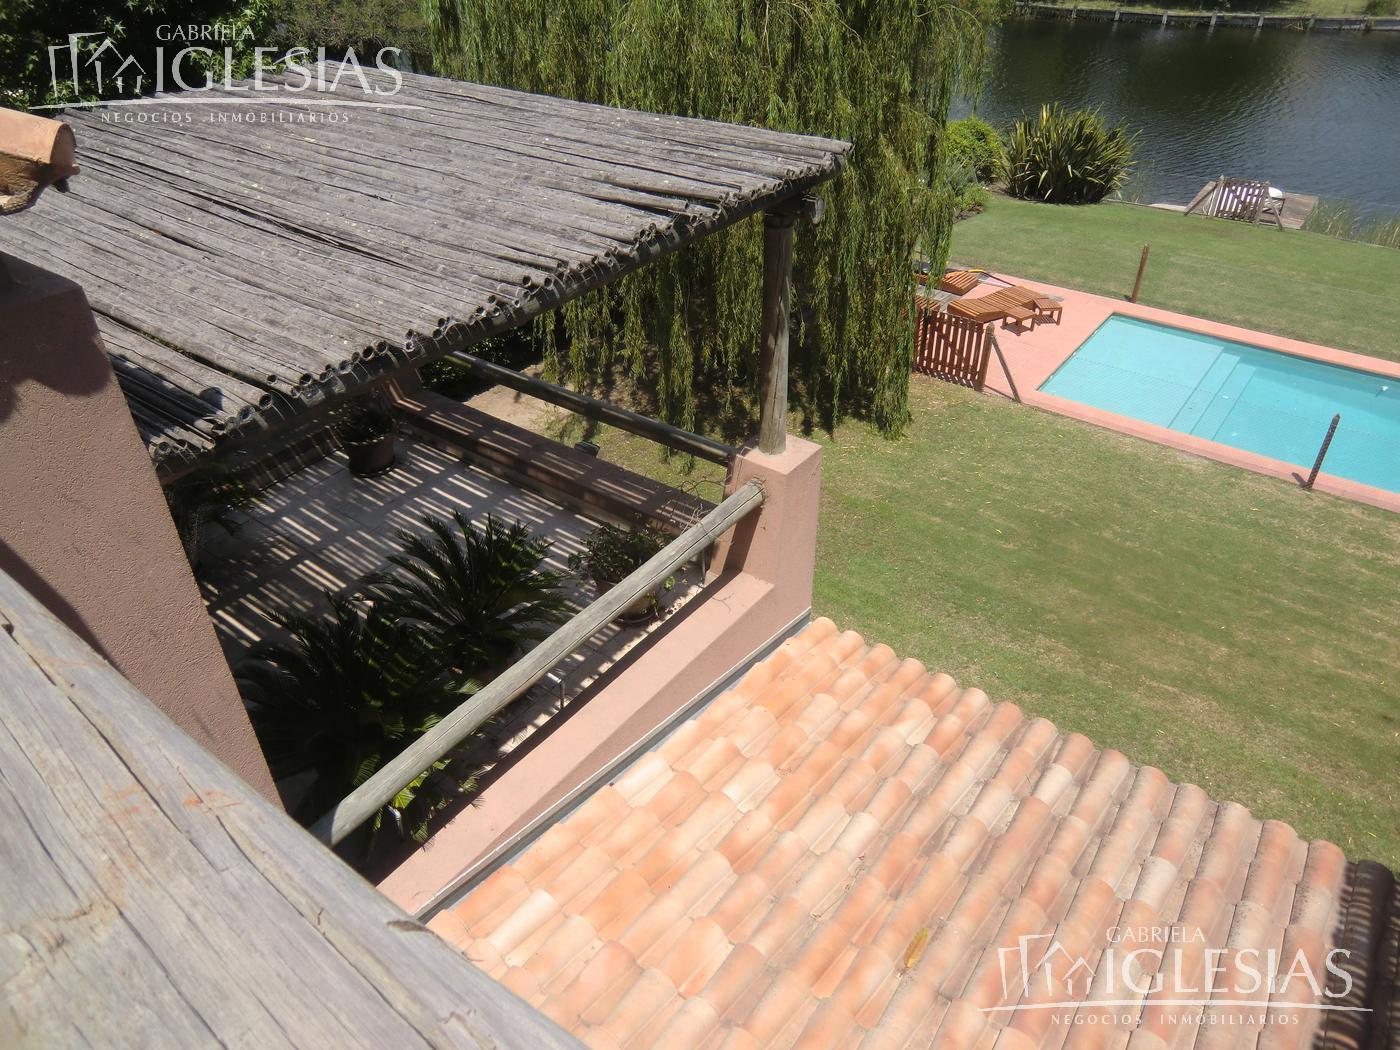 Casa en Venta Alquiler en La Isla a Venta - u$s 1.270.000 Alquiler - u$s 7.000